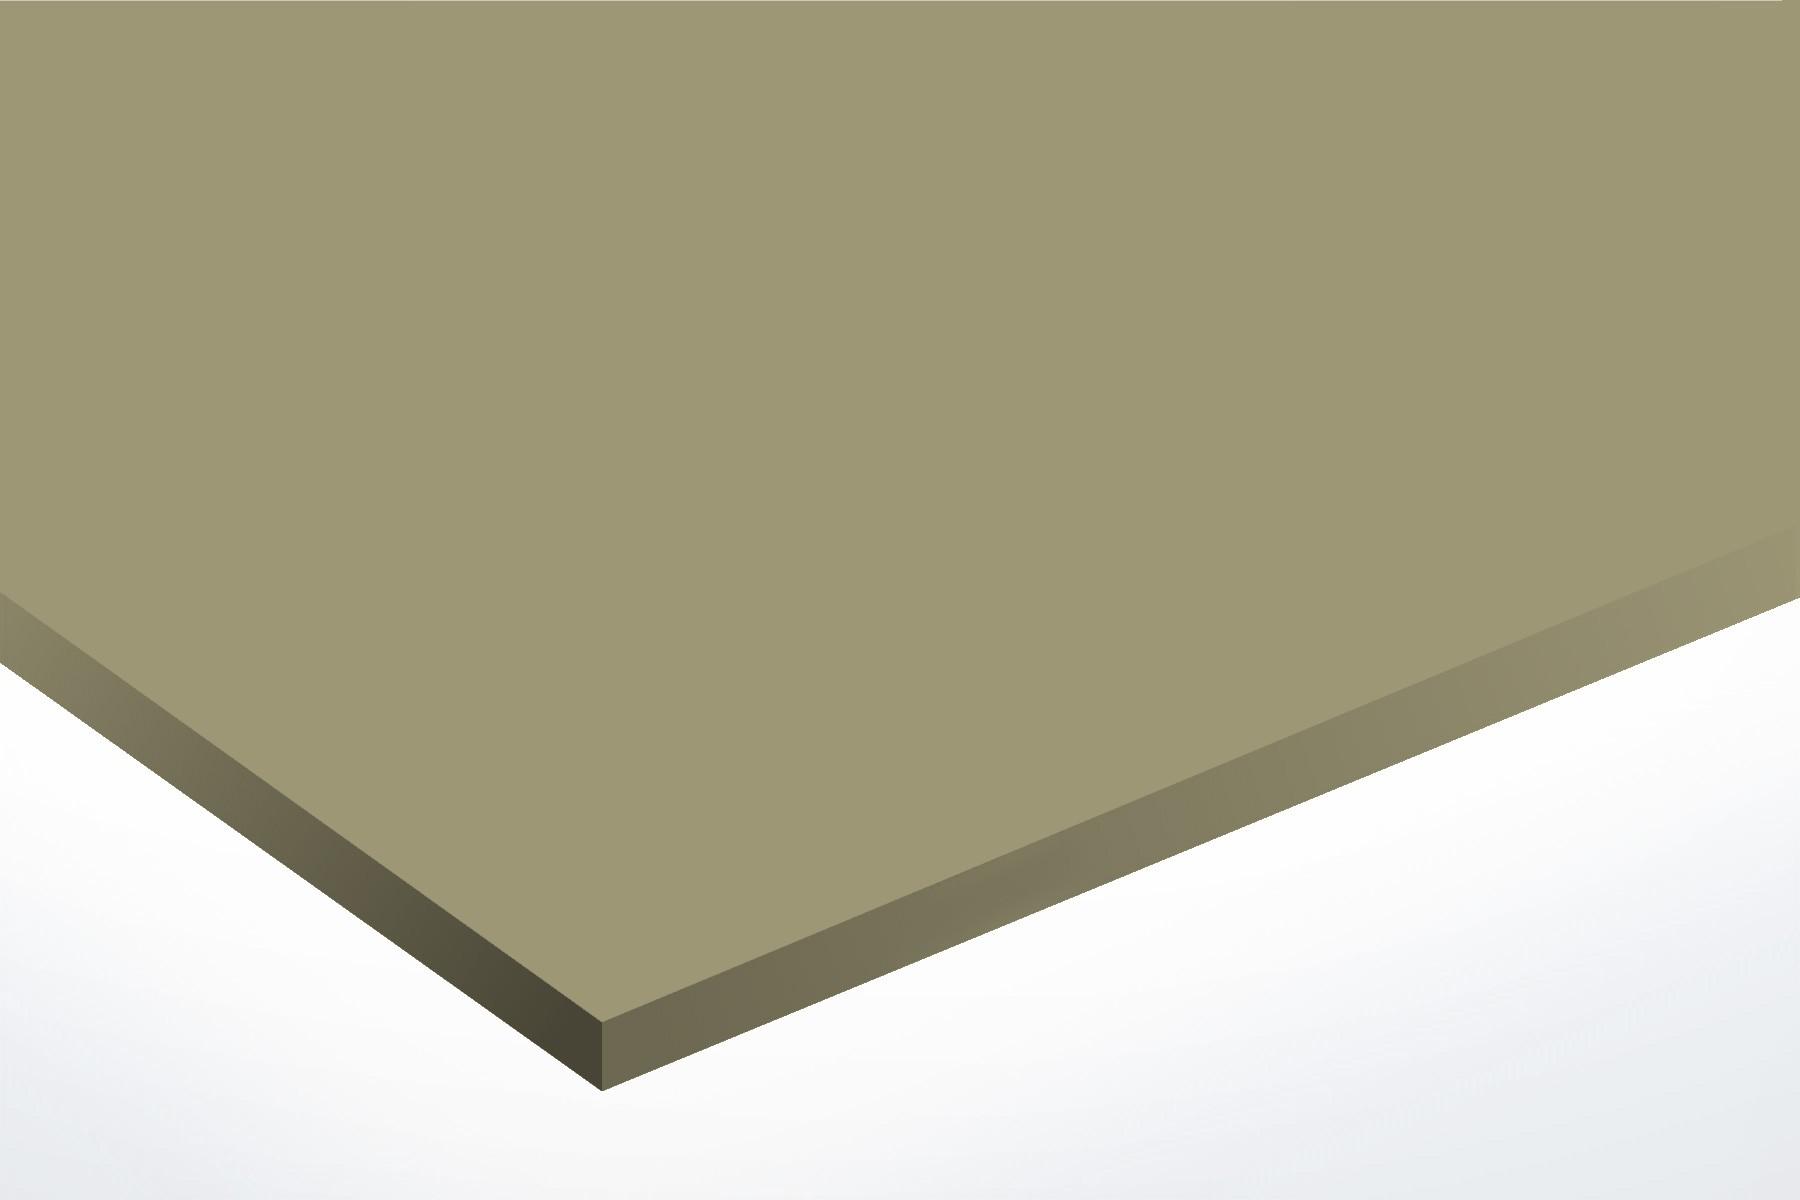 Anodised Aluminium Silver,  Matt, 1mm x 1000mm x 500mm